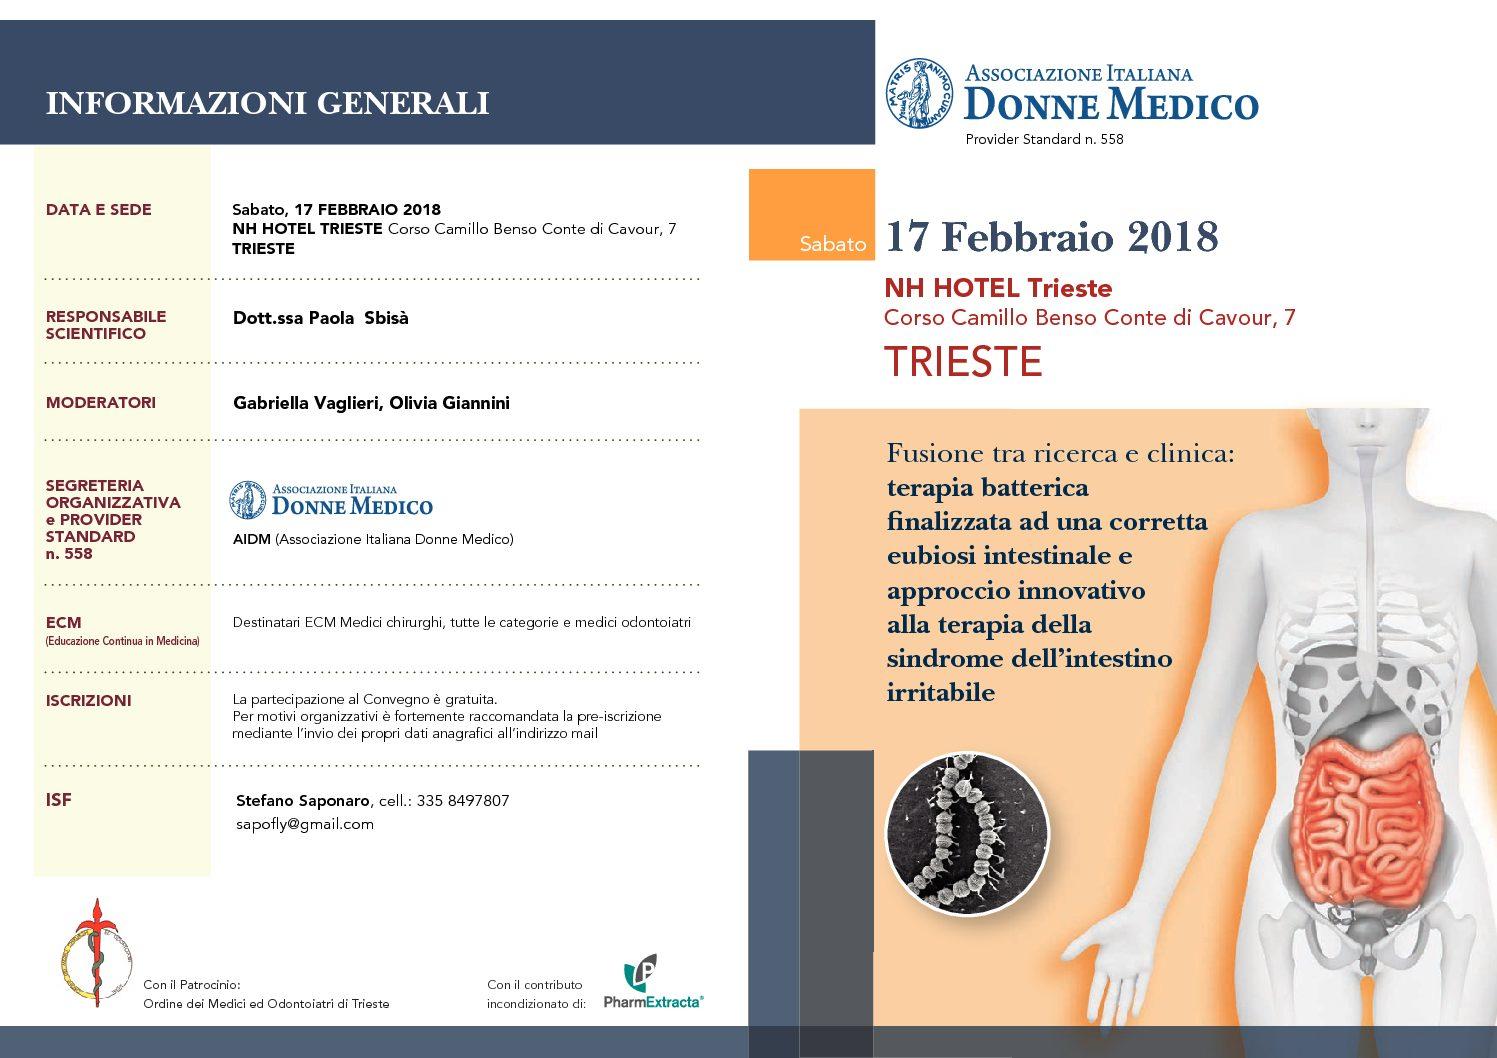 Terapia batterica 17 febbraio 18 pdf - Terapia batterica 17 febbraio 18